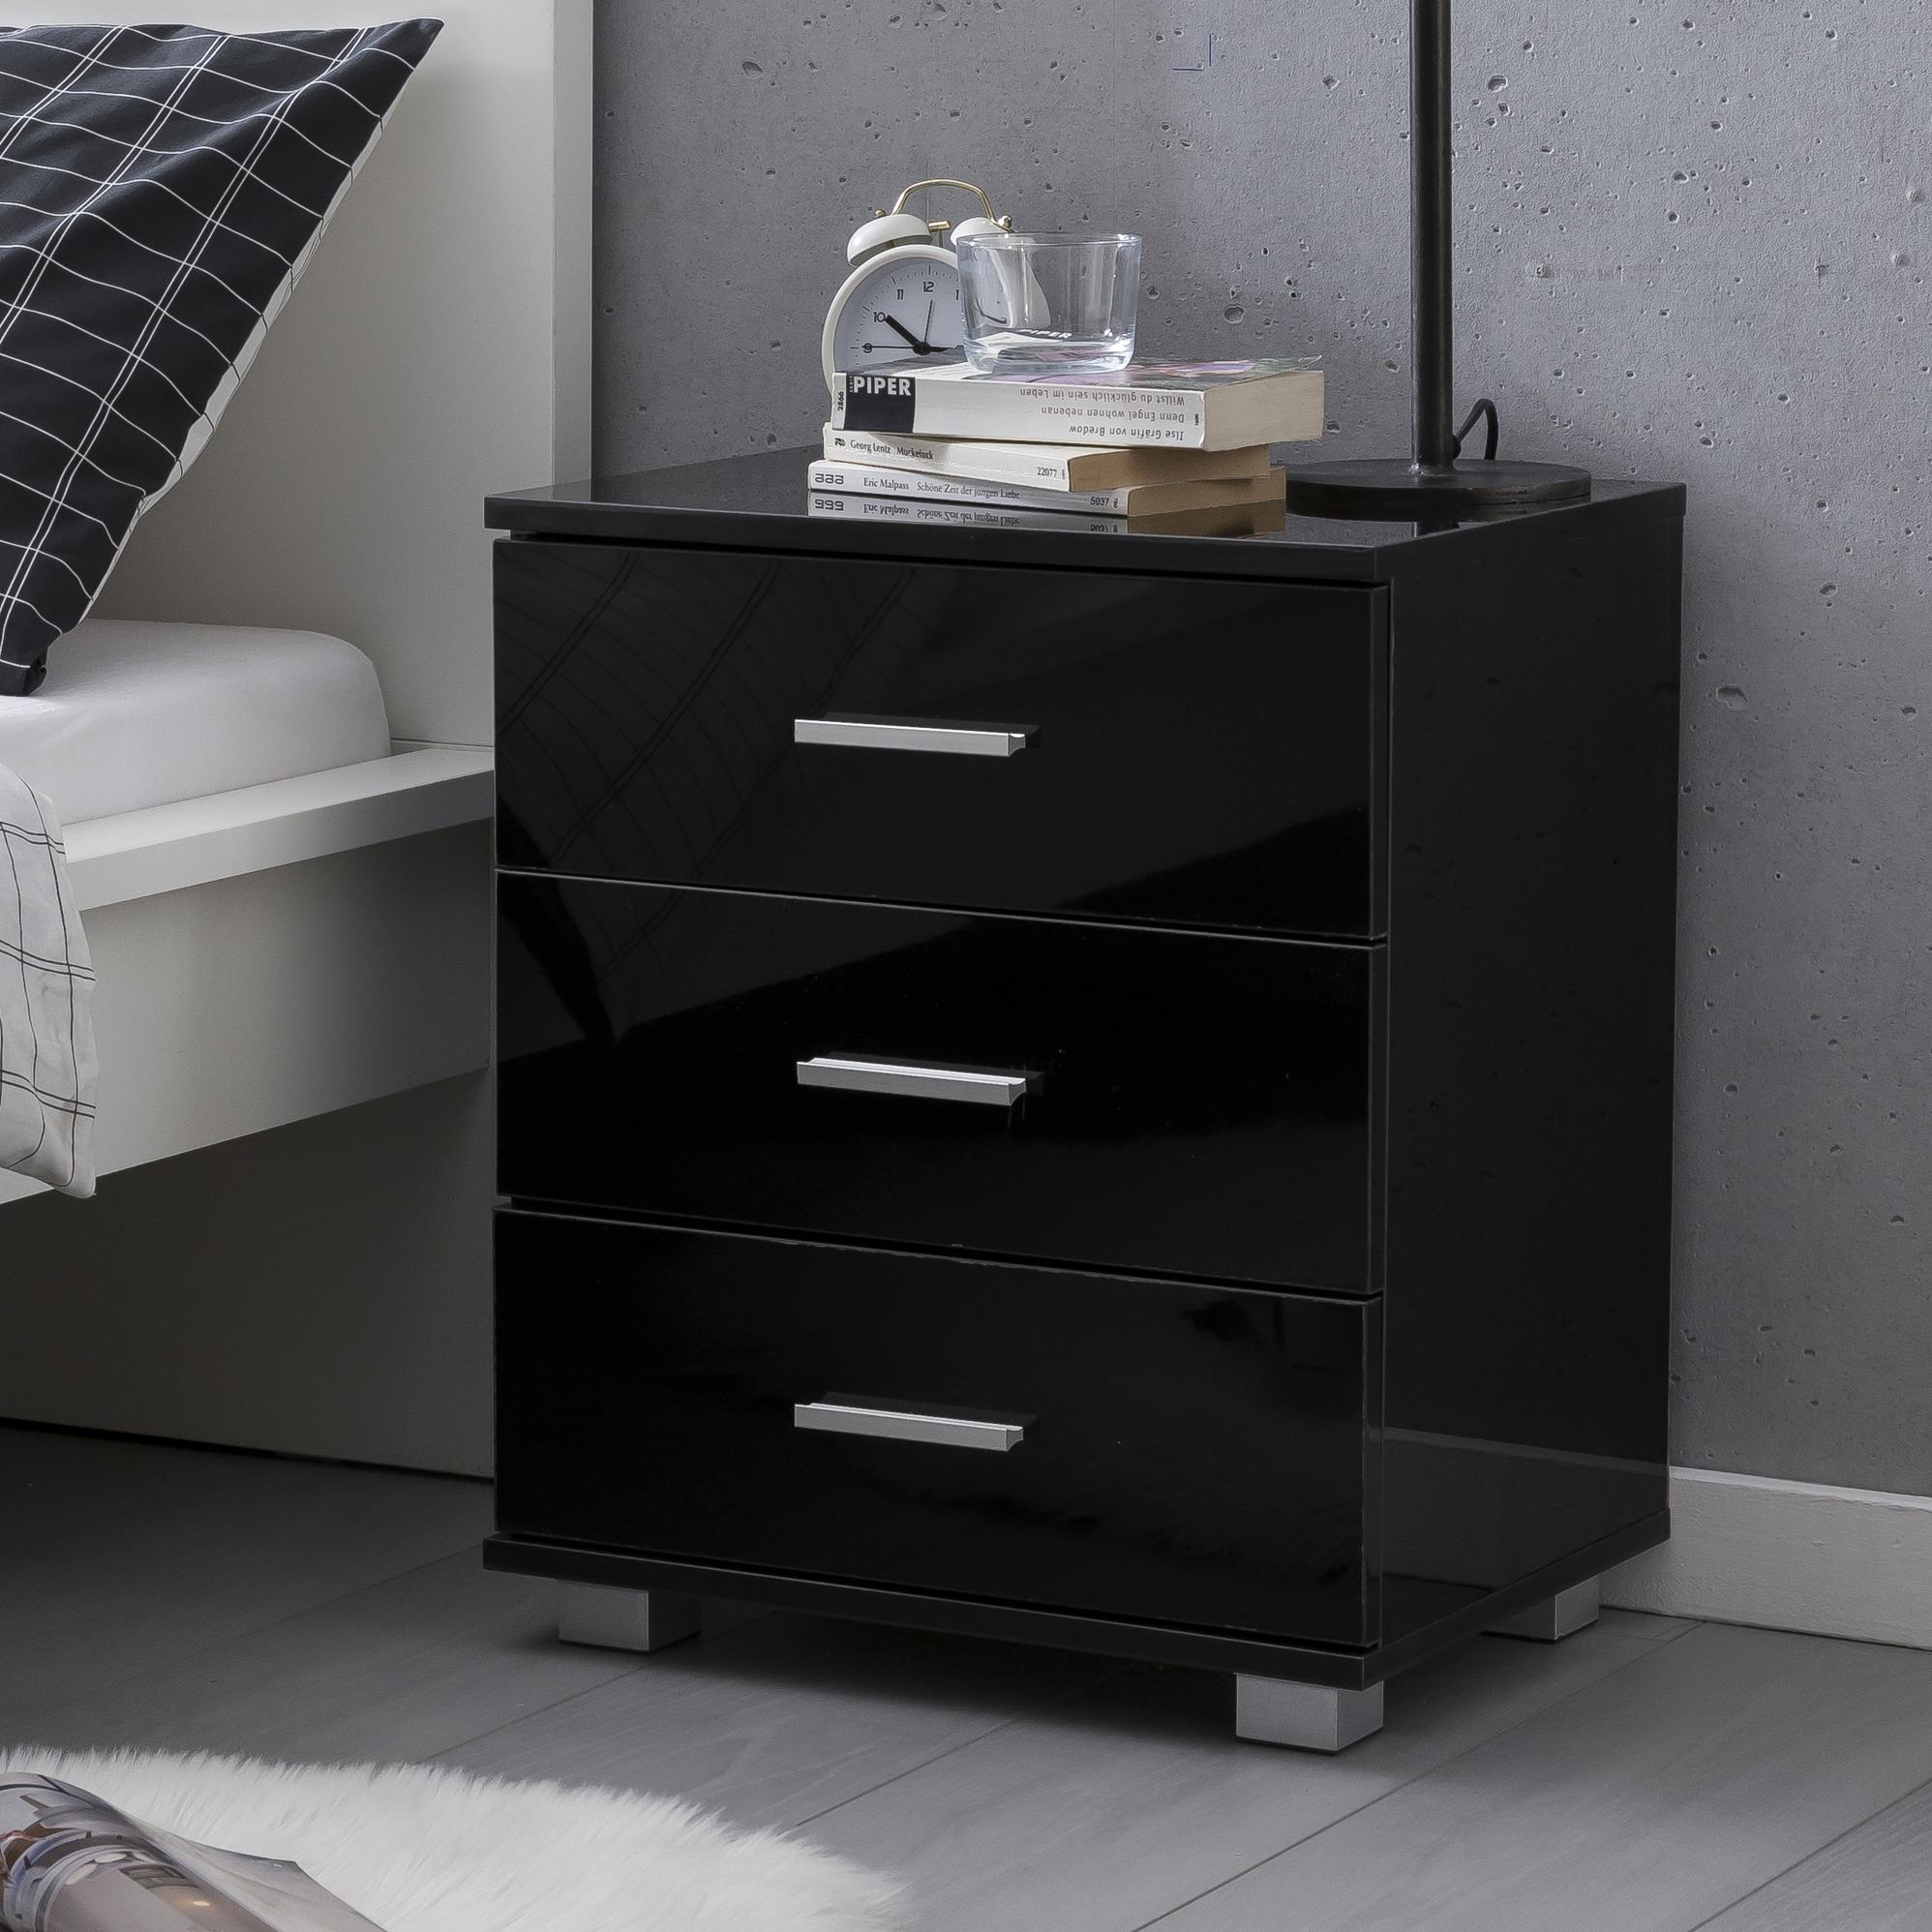 wohnling design nachtkonsole wl5.867 schwarz 45x54x34cm holz nachttisch  hochglanz | modernes nachtkästchen mit aufbewahrung | kleine